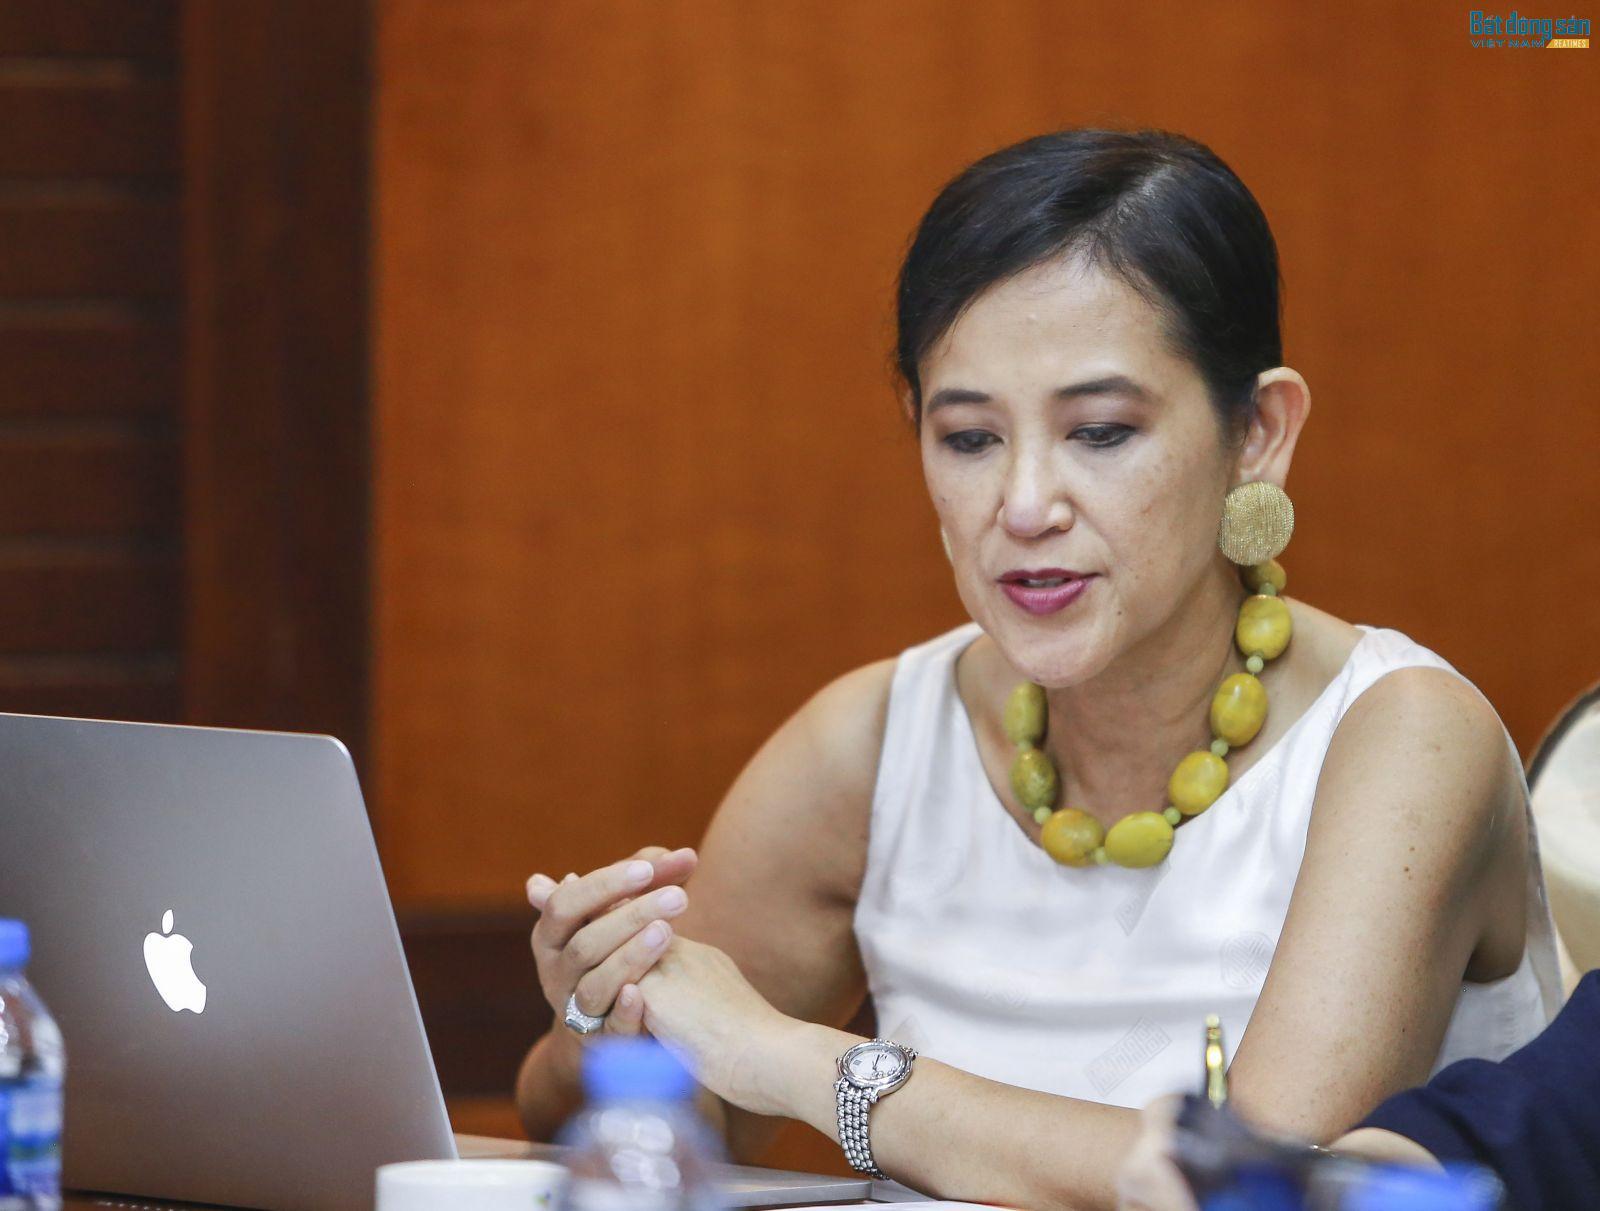 Bà Nguyễn Liễu, Đại sứ của NAR tại Việt Nam, Phó Chủ tịch Phát triển Kinh doanh Tập đoàn Westgate Reatly, đồng Chủ tịch IREC 2018